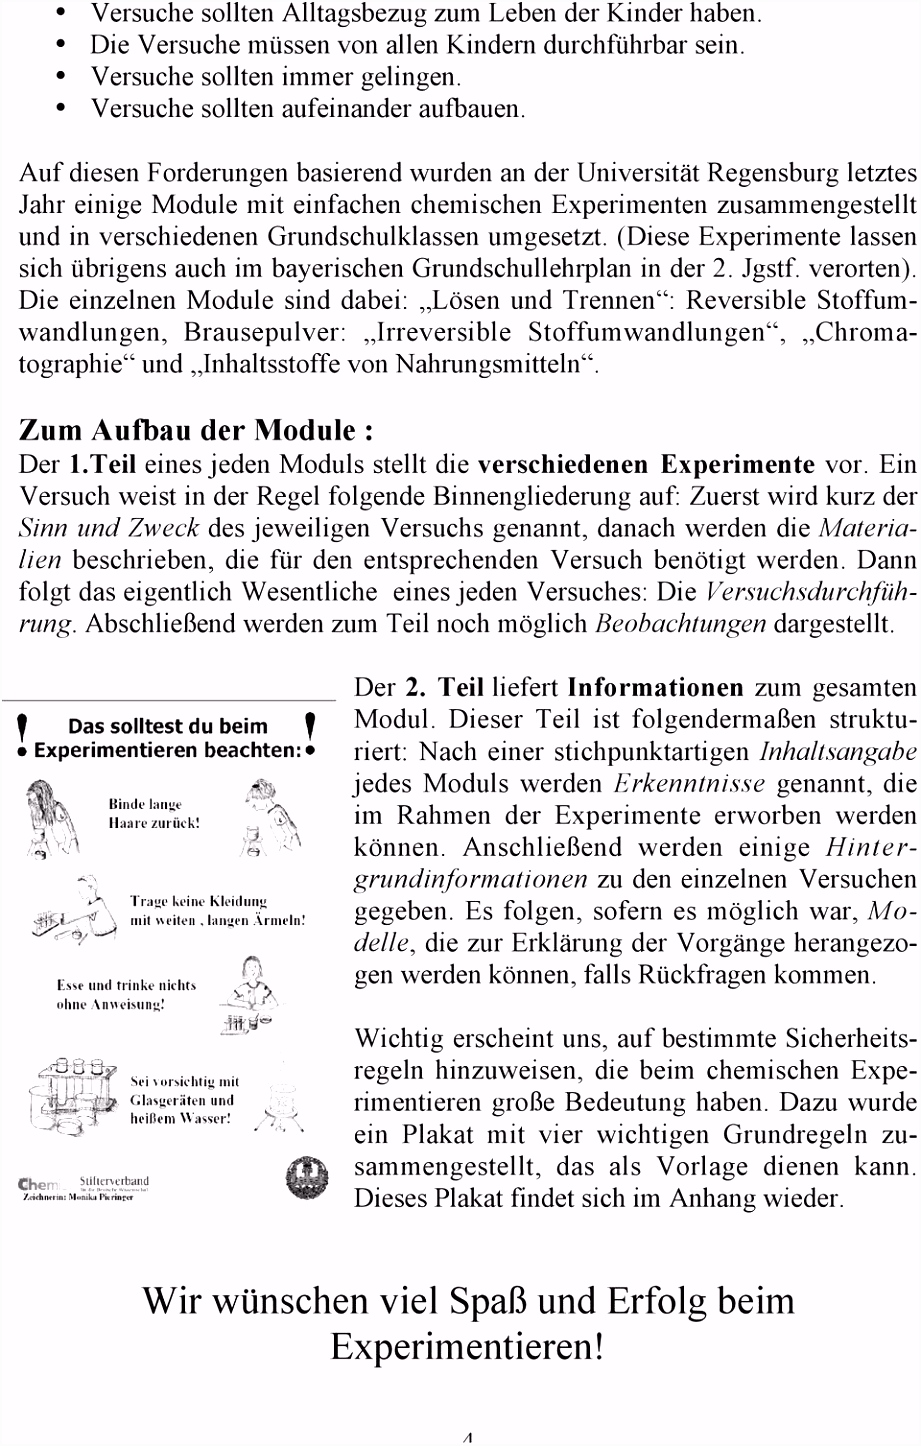 CHEMISCHE EXPERIMENTE IM KINDERGARTEN PDF